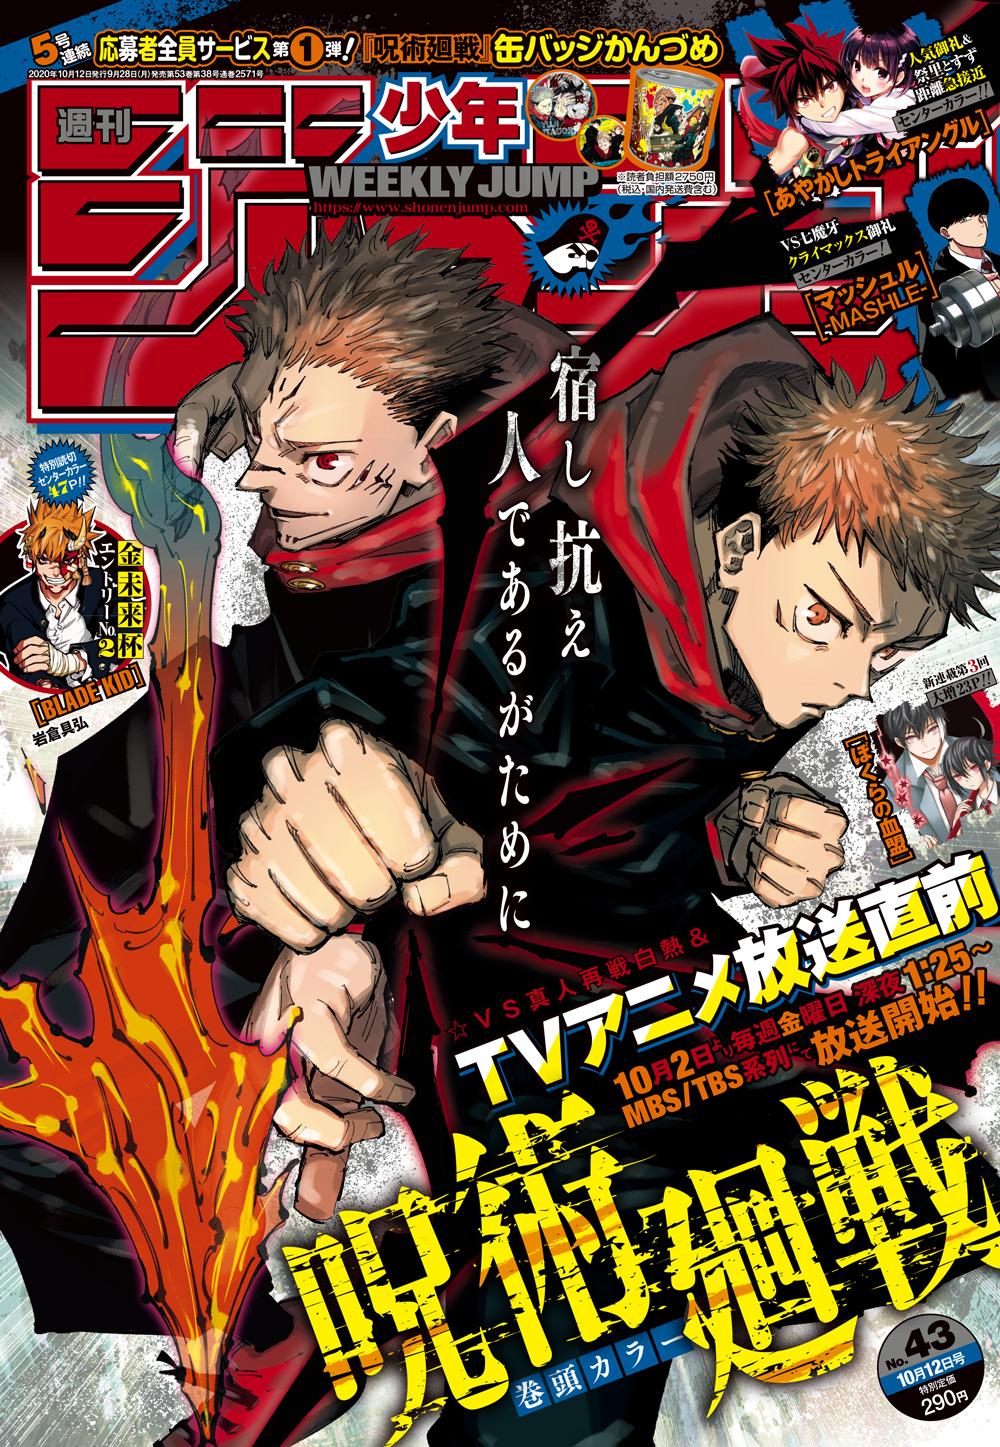 週刊少年ジャンプ 2020年43号 [Weekly Shonen Jump 2020 No.43+RAR]